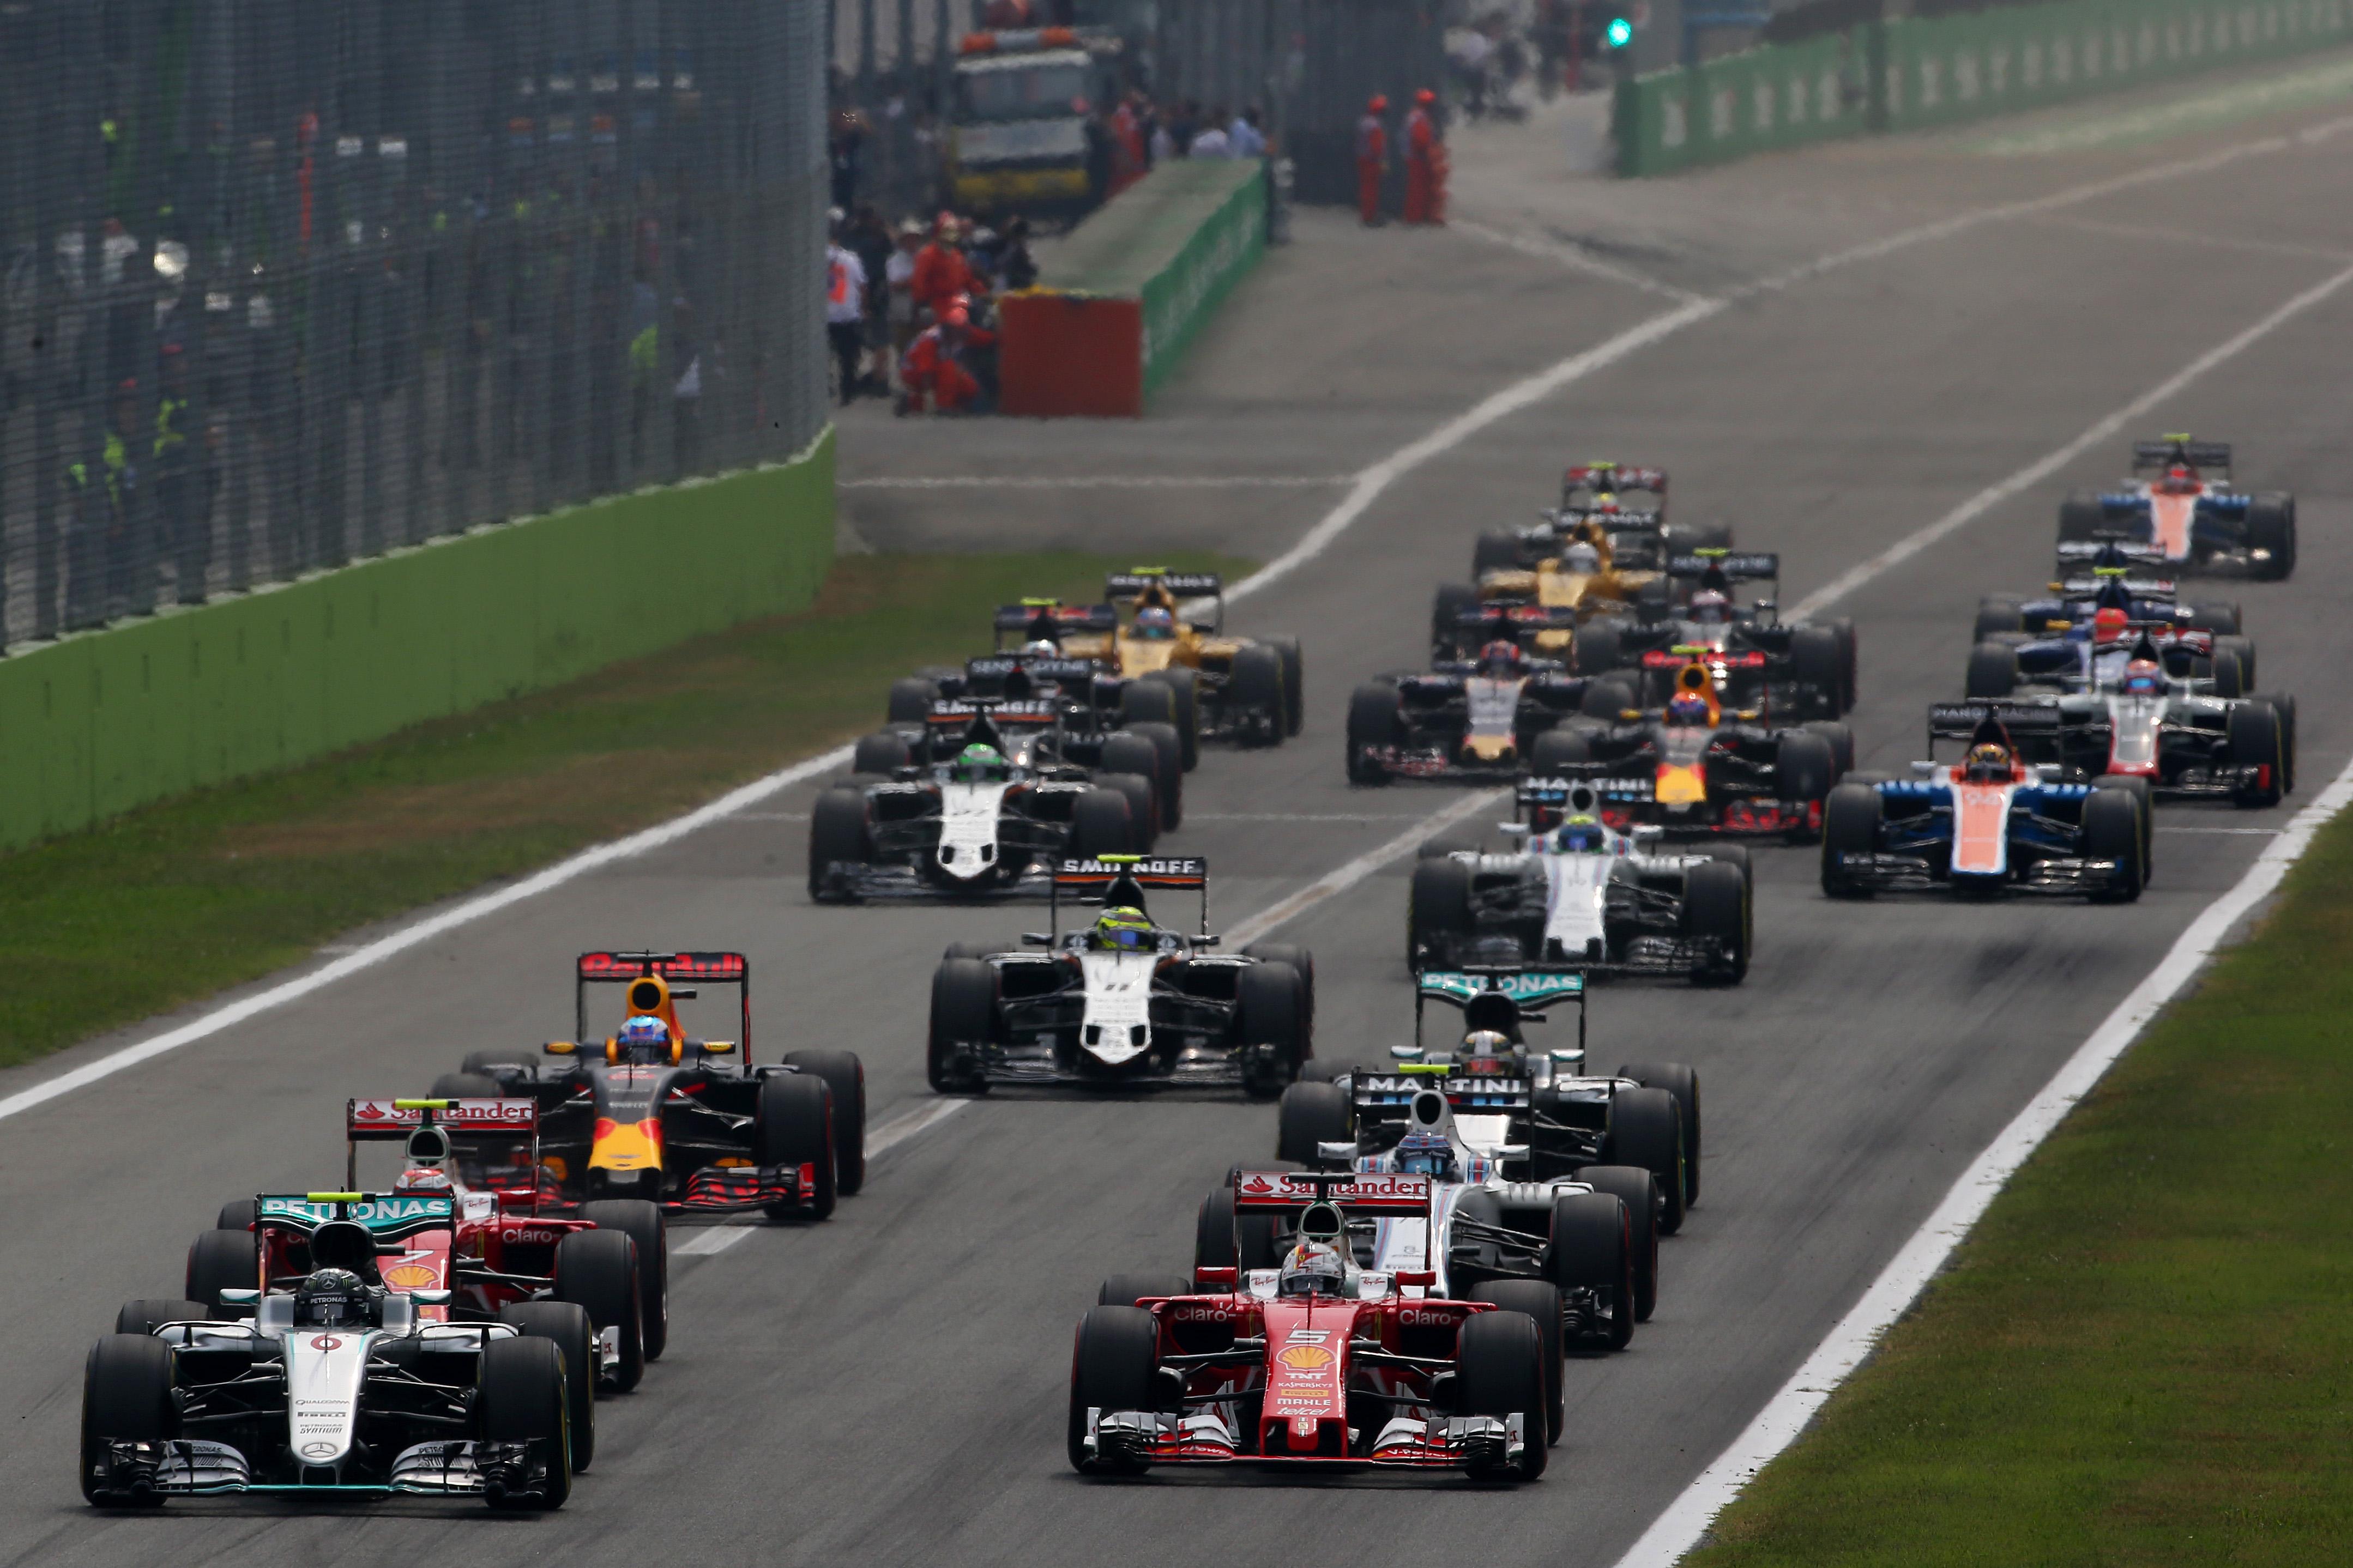 Se nemmeno gli americani vogliono cambiare questa F1